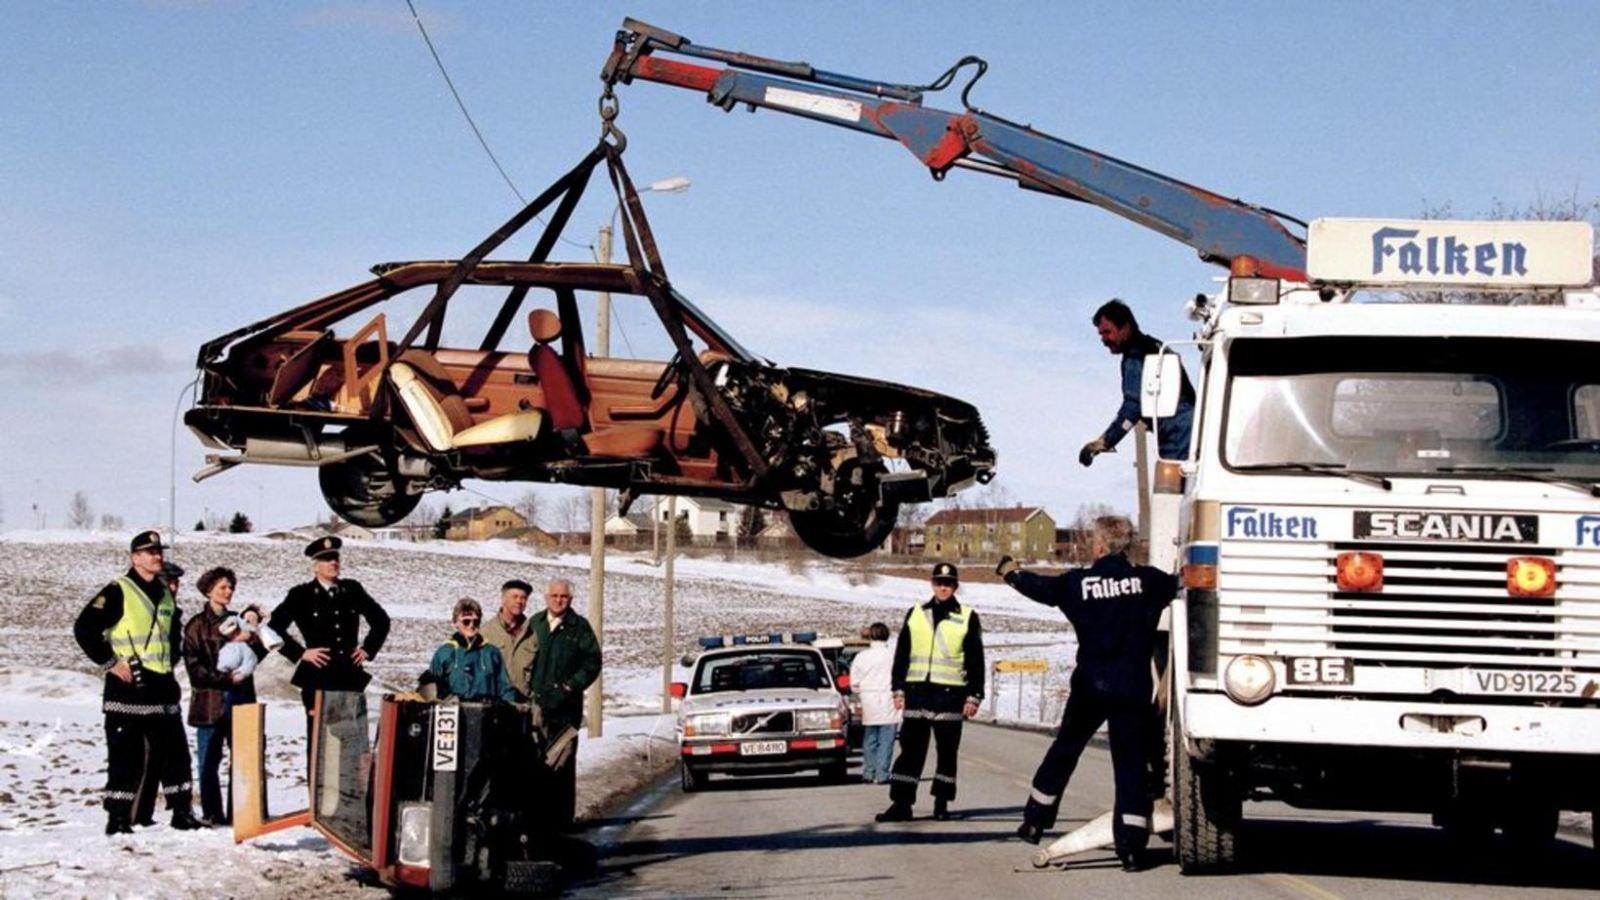 Полиция в Тронхейме грузит разрезанную ЛАЗЕРОМ(!) машину. Фото Adresseavisen. Взято из исландской  Mbl.is.